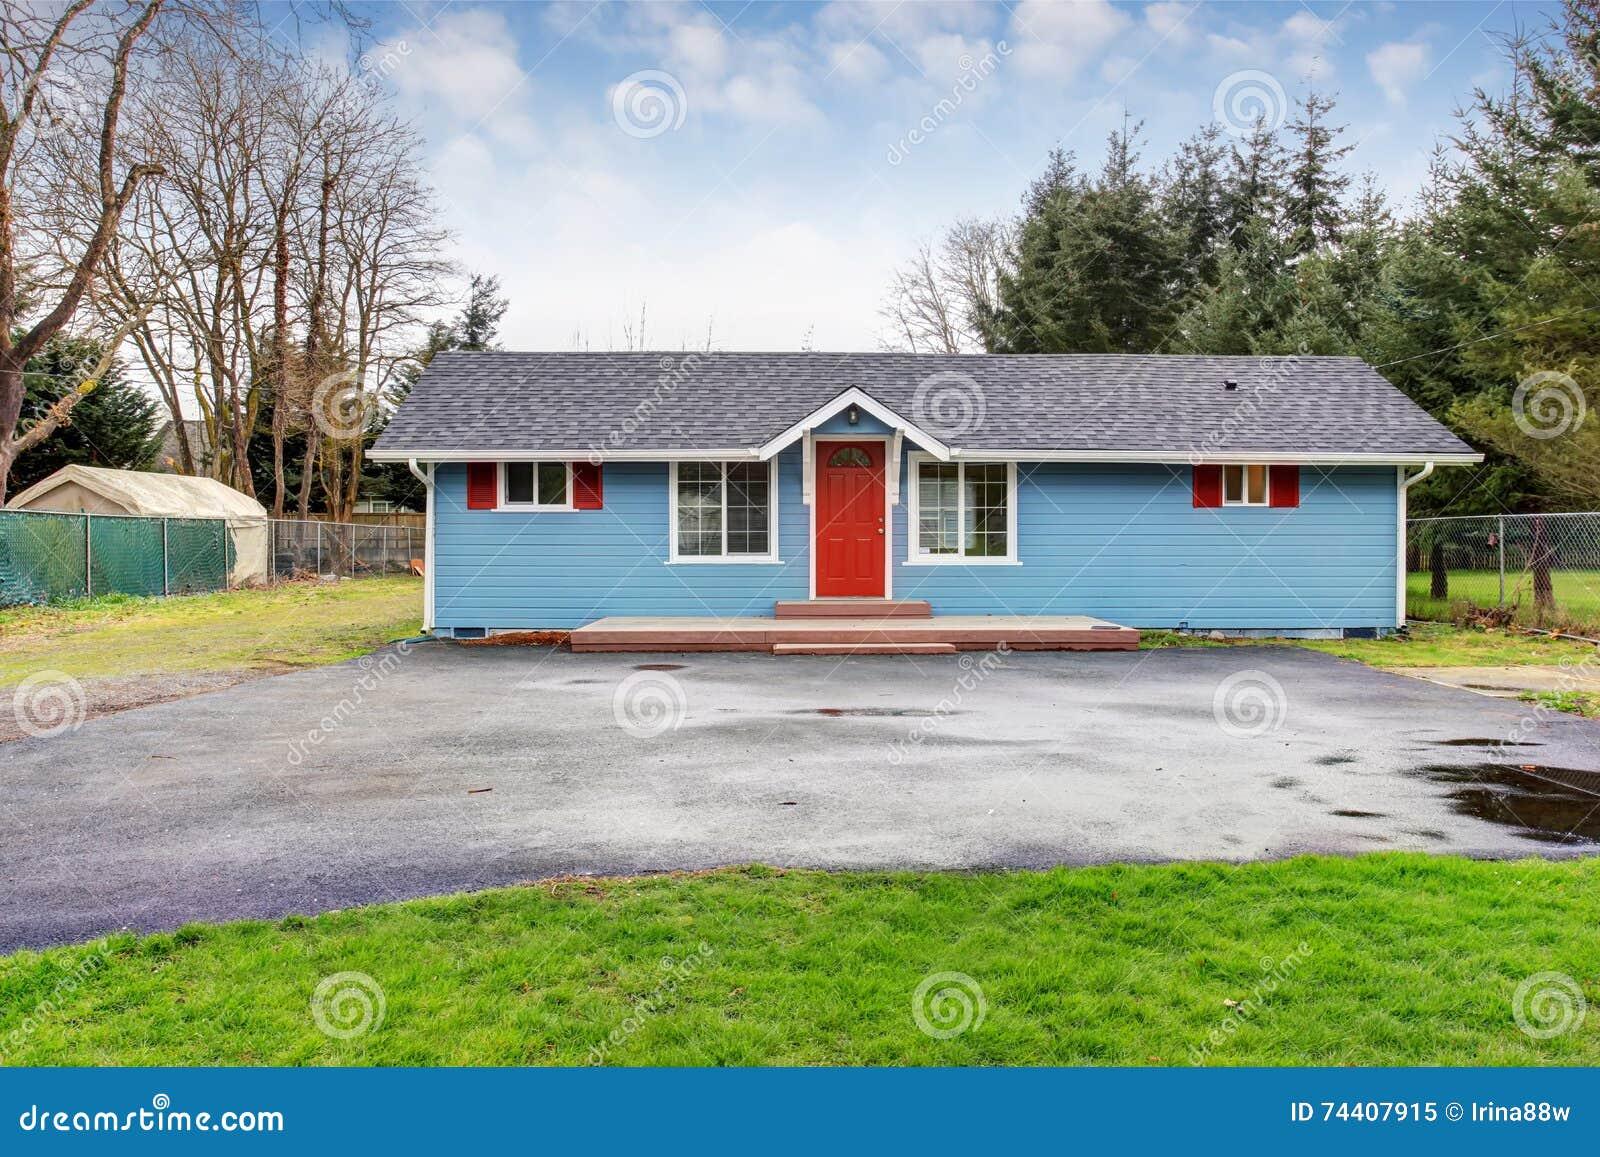 Einfaches Geschichtenhaus Außen Mit Blauer Und Roter Ordnung ...